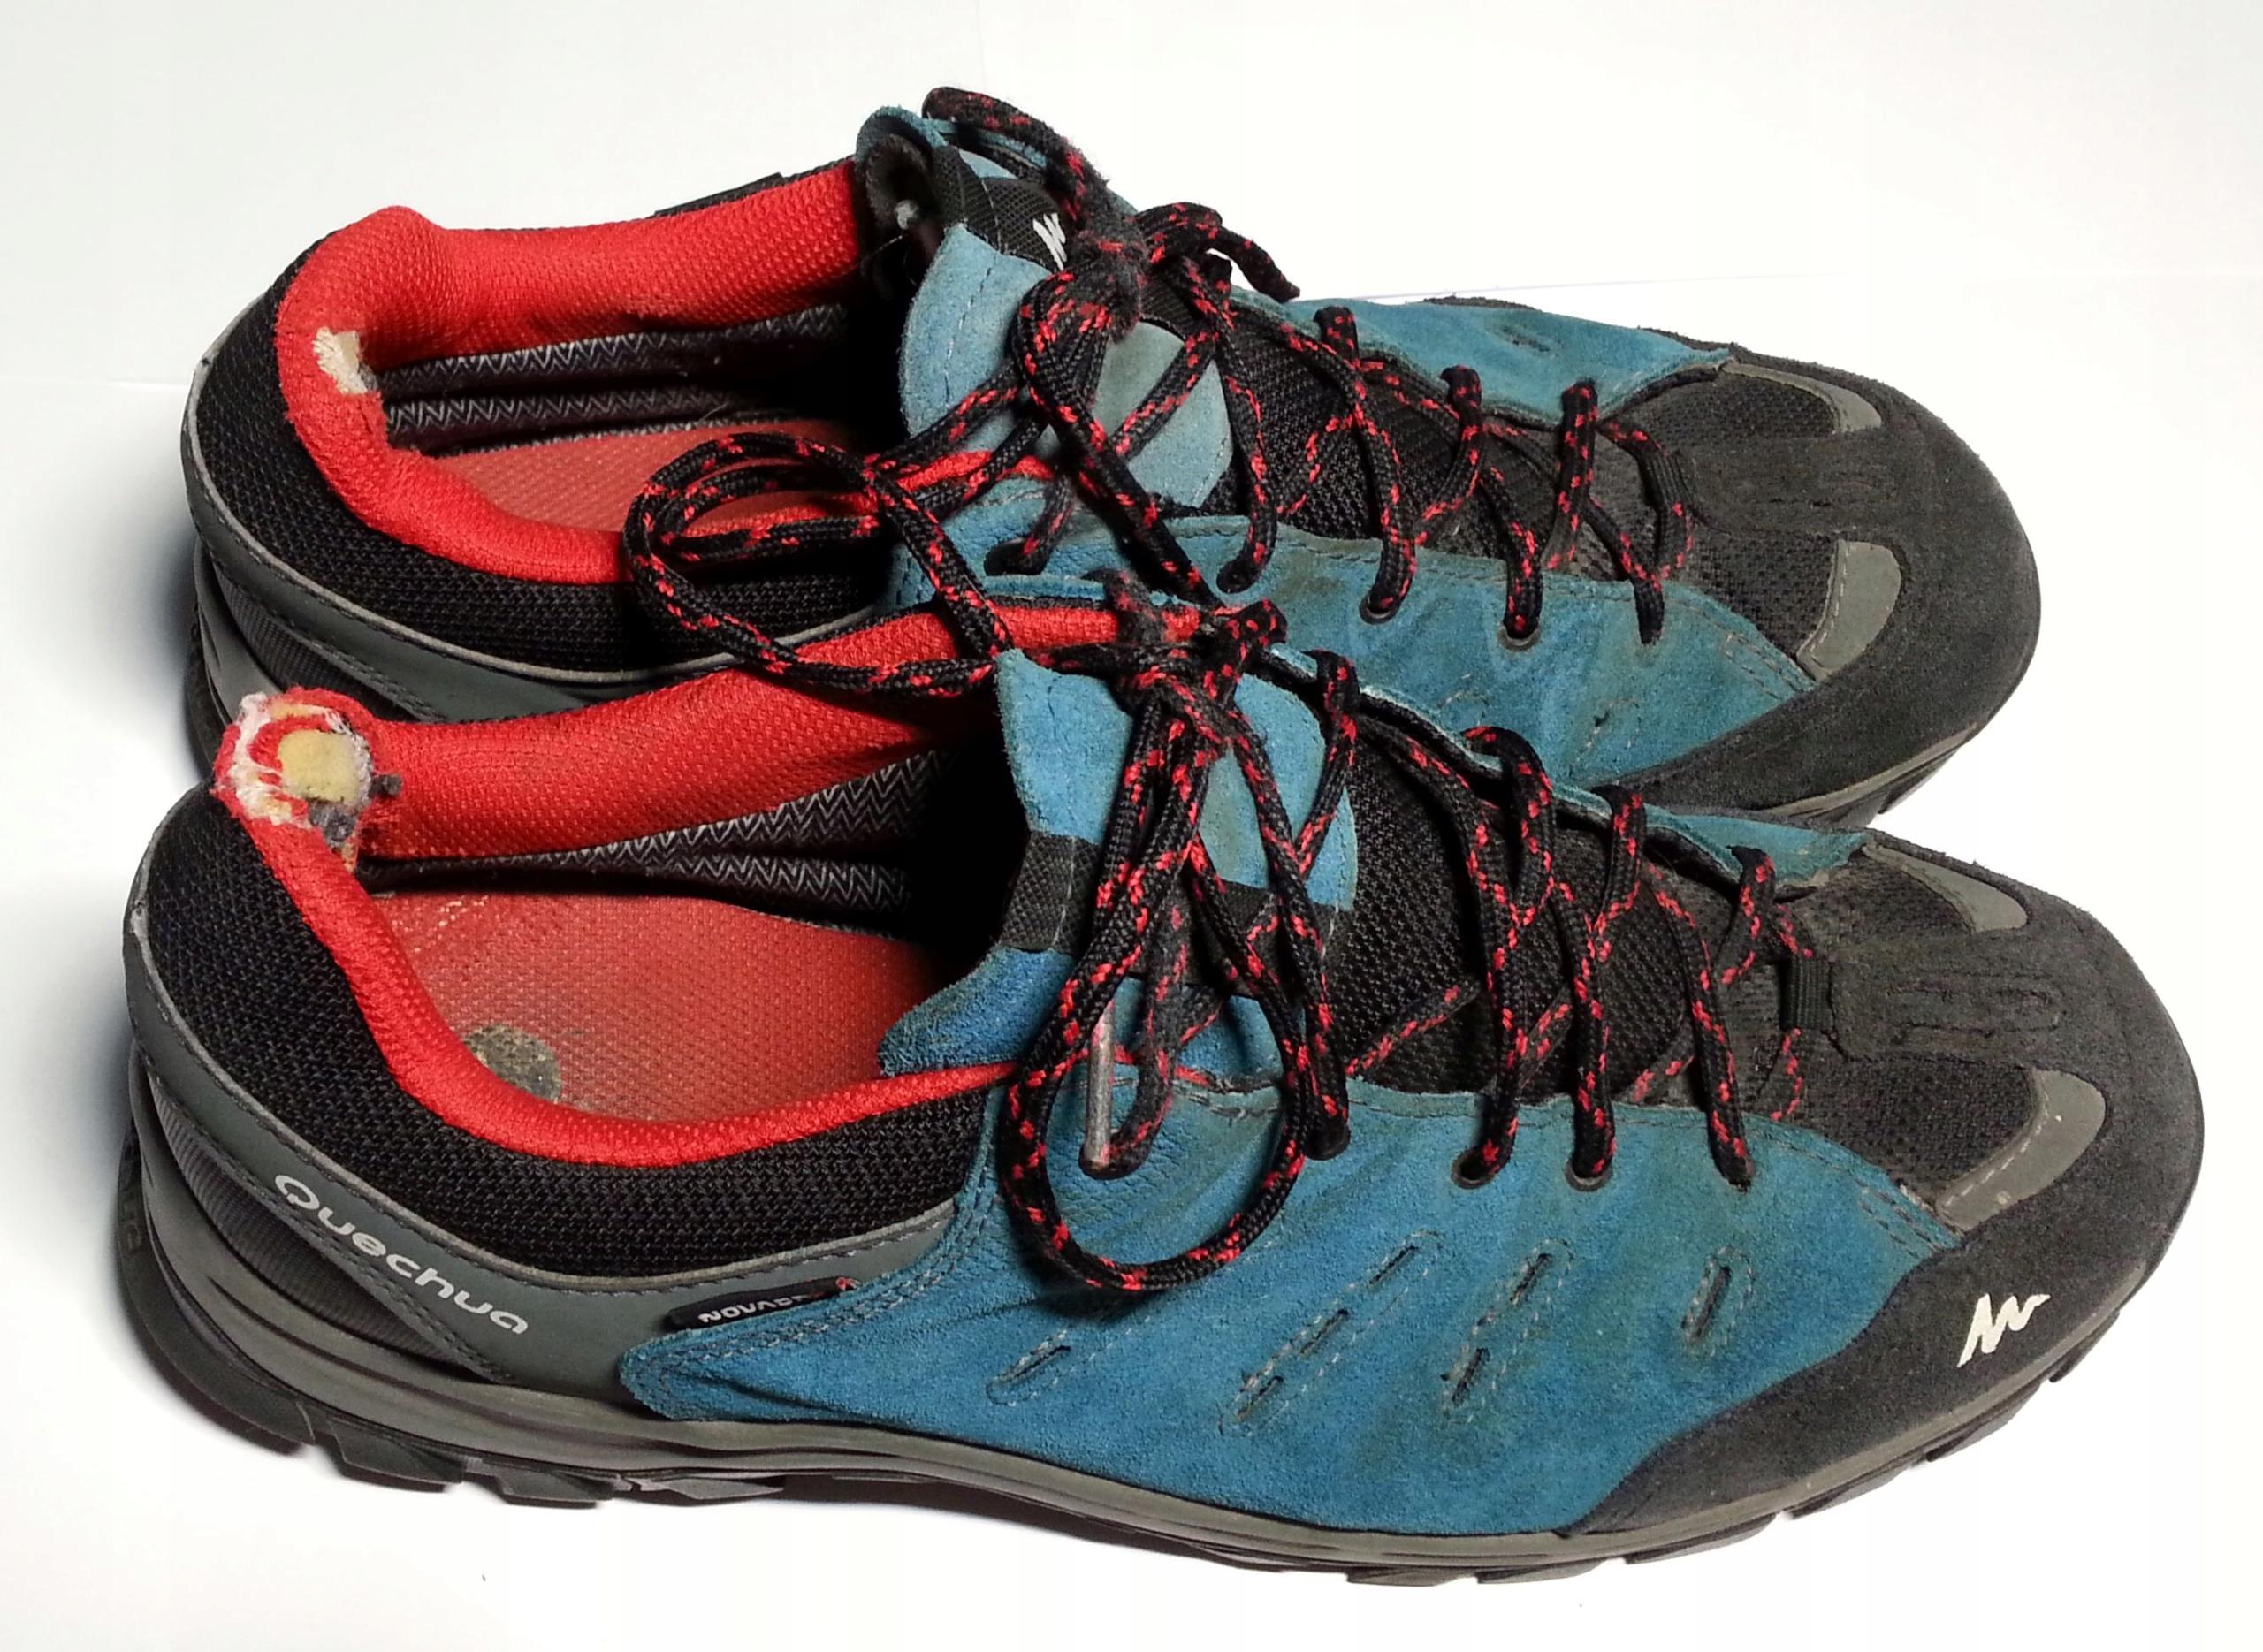 męskie buty trekkingowe Quechua Decathlon roz. 43